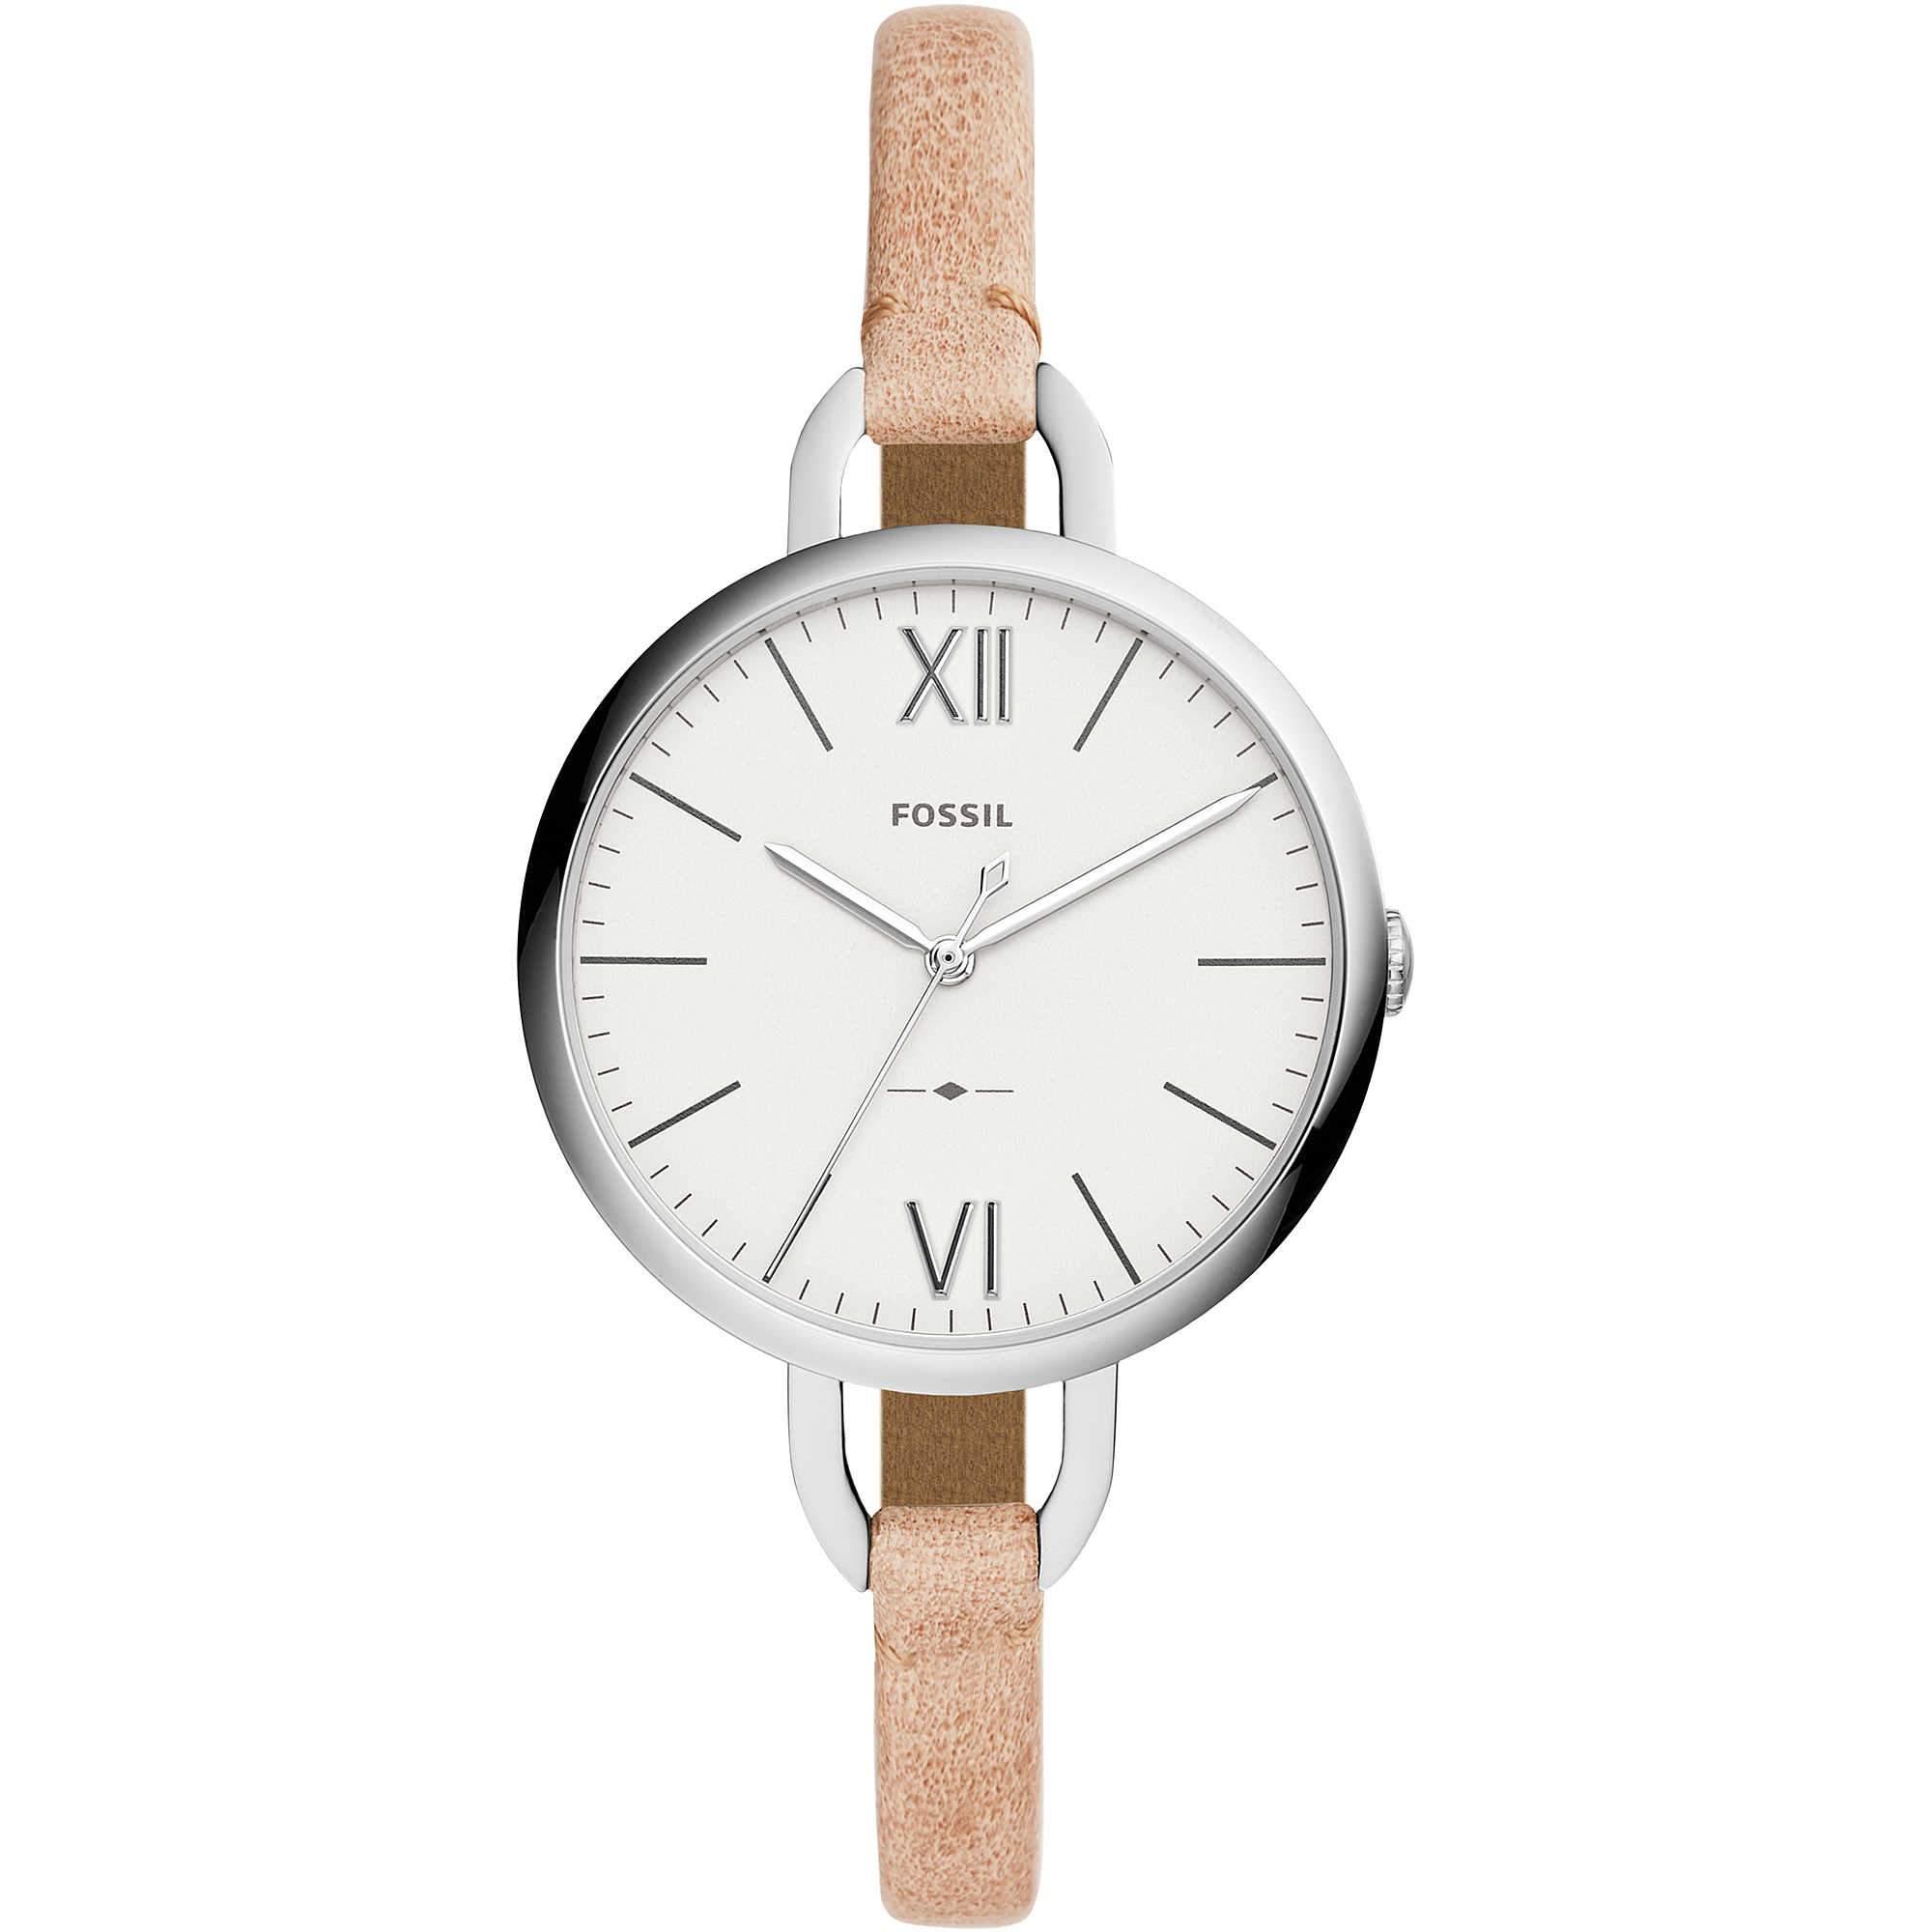 Fossil annette reloj de mujer solo 45€